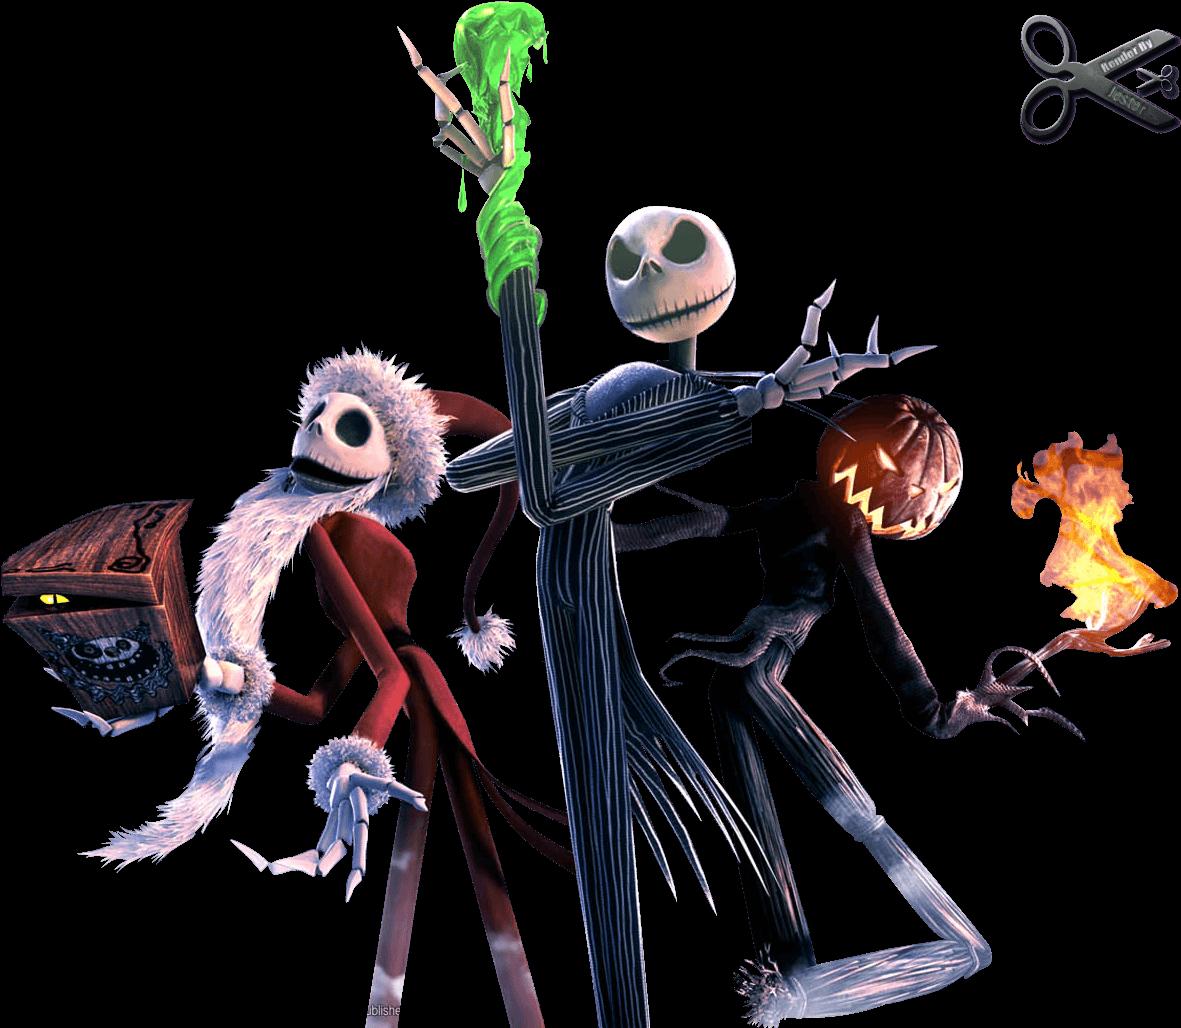 Nightmare Before Christmas Wallpaper Jack Skellington Pumpkin